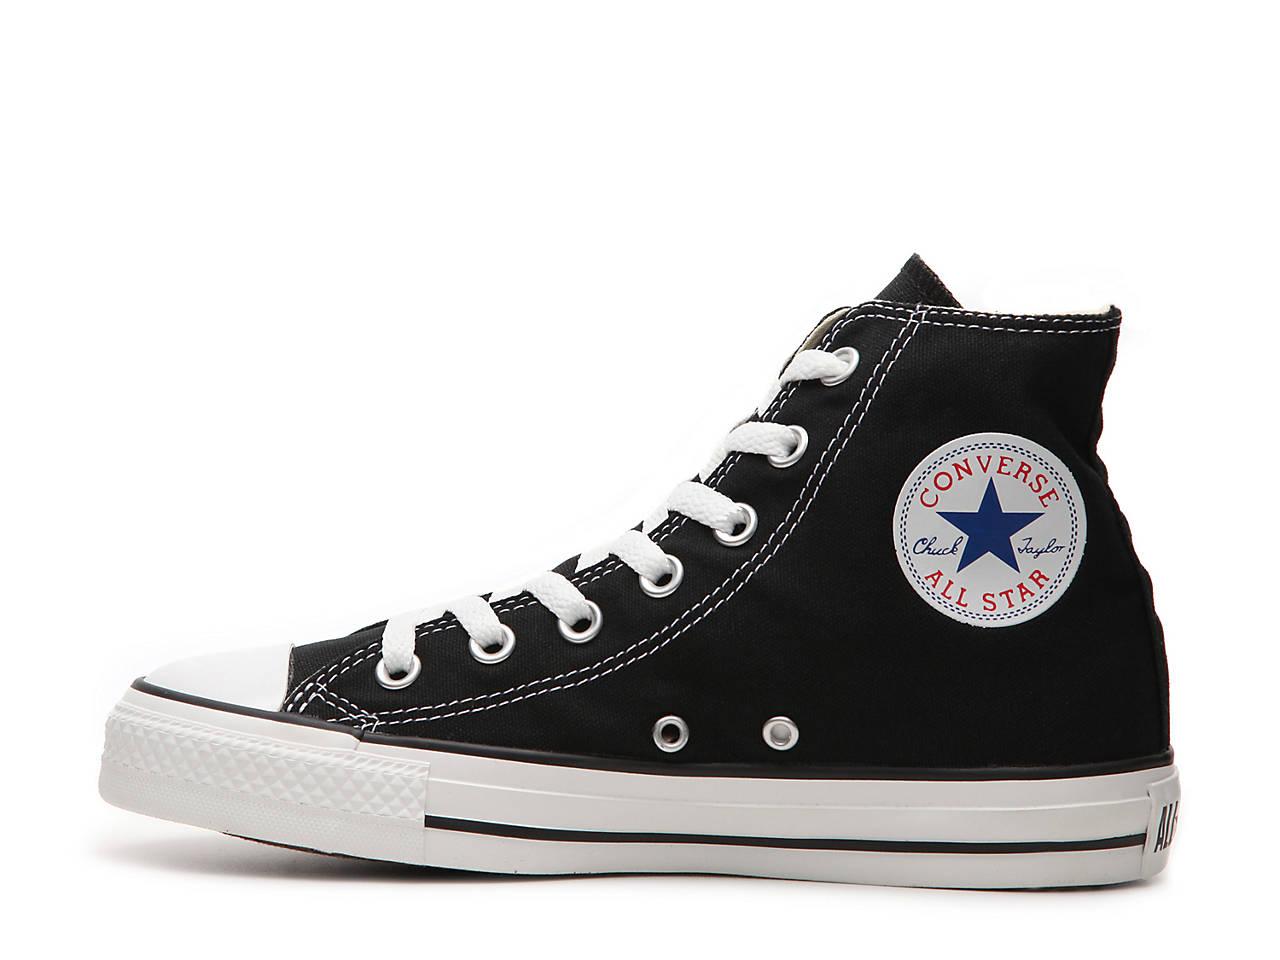 9676a6d718db81 Converse Chuck Taylor All Star High-Top Sneaker - Women s Women s ...